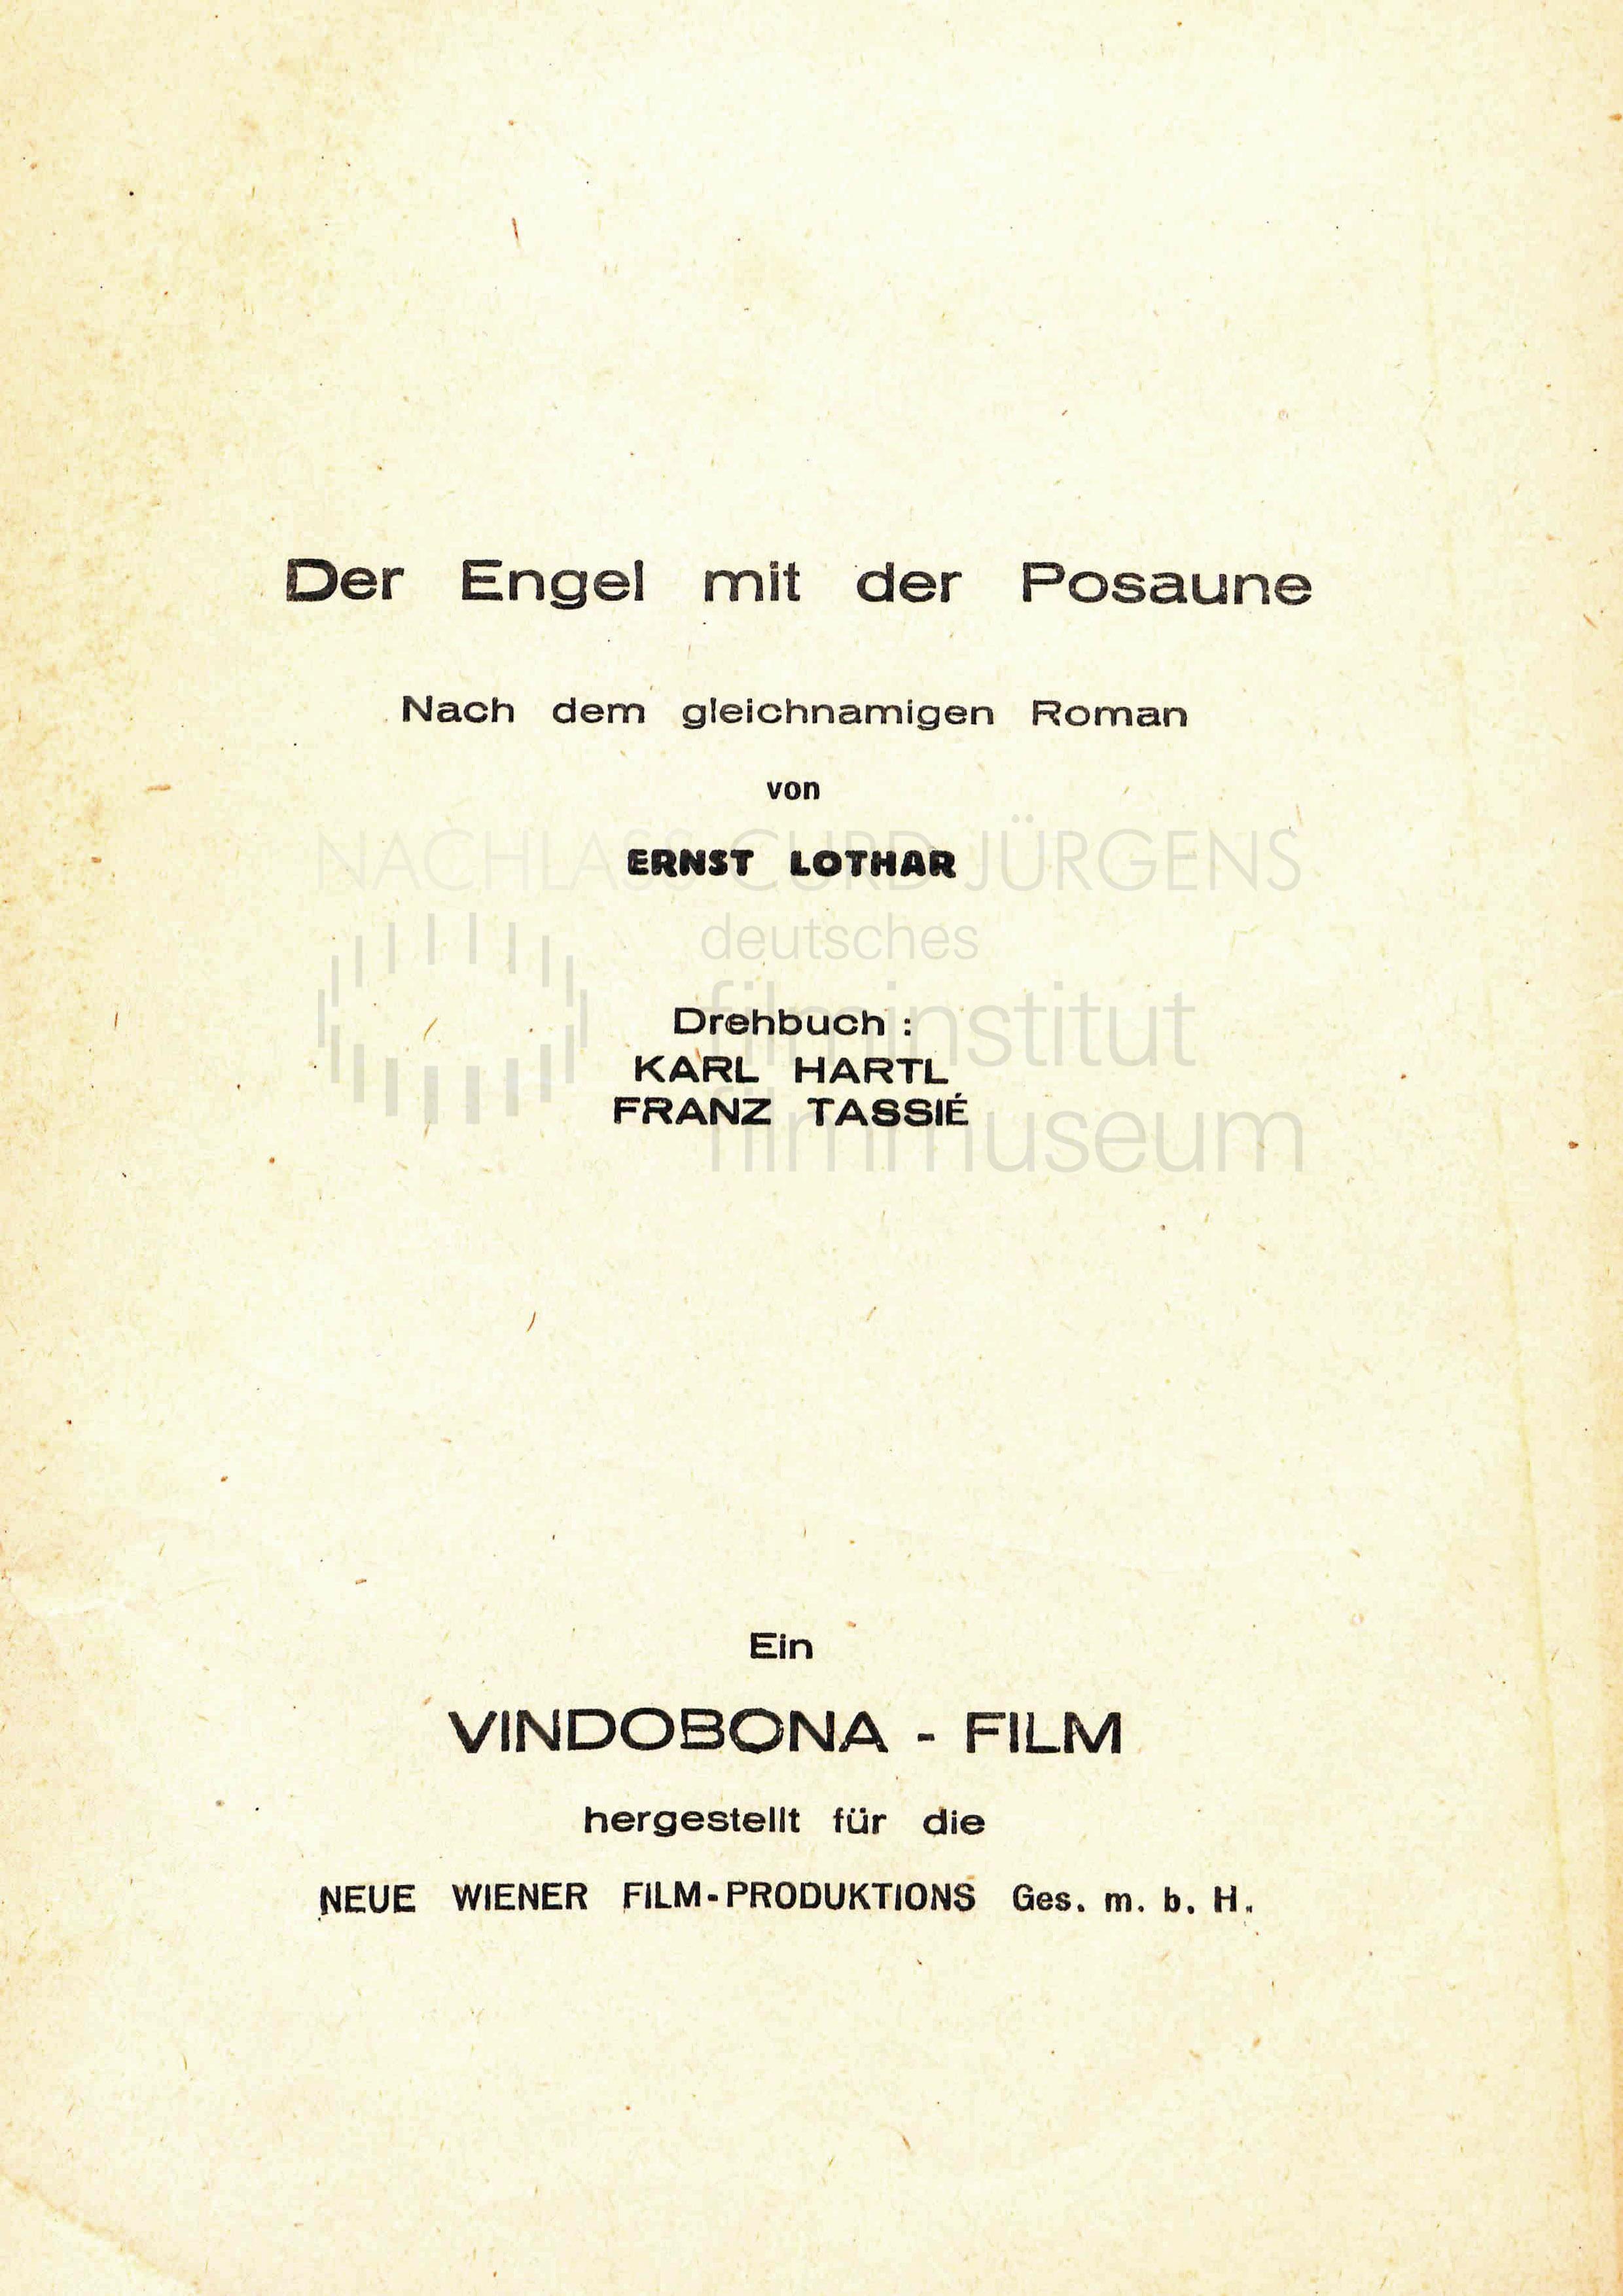 DER ENGEL MIT DER POSAUNE (1948) Drehbuch (Auszug)